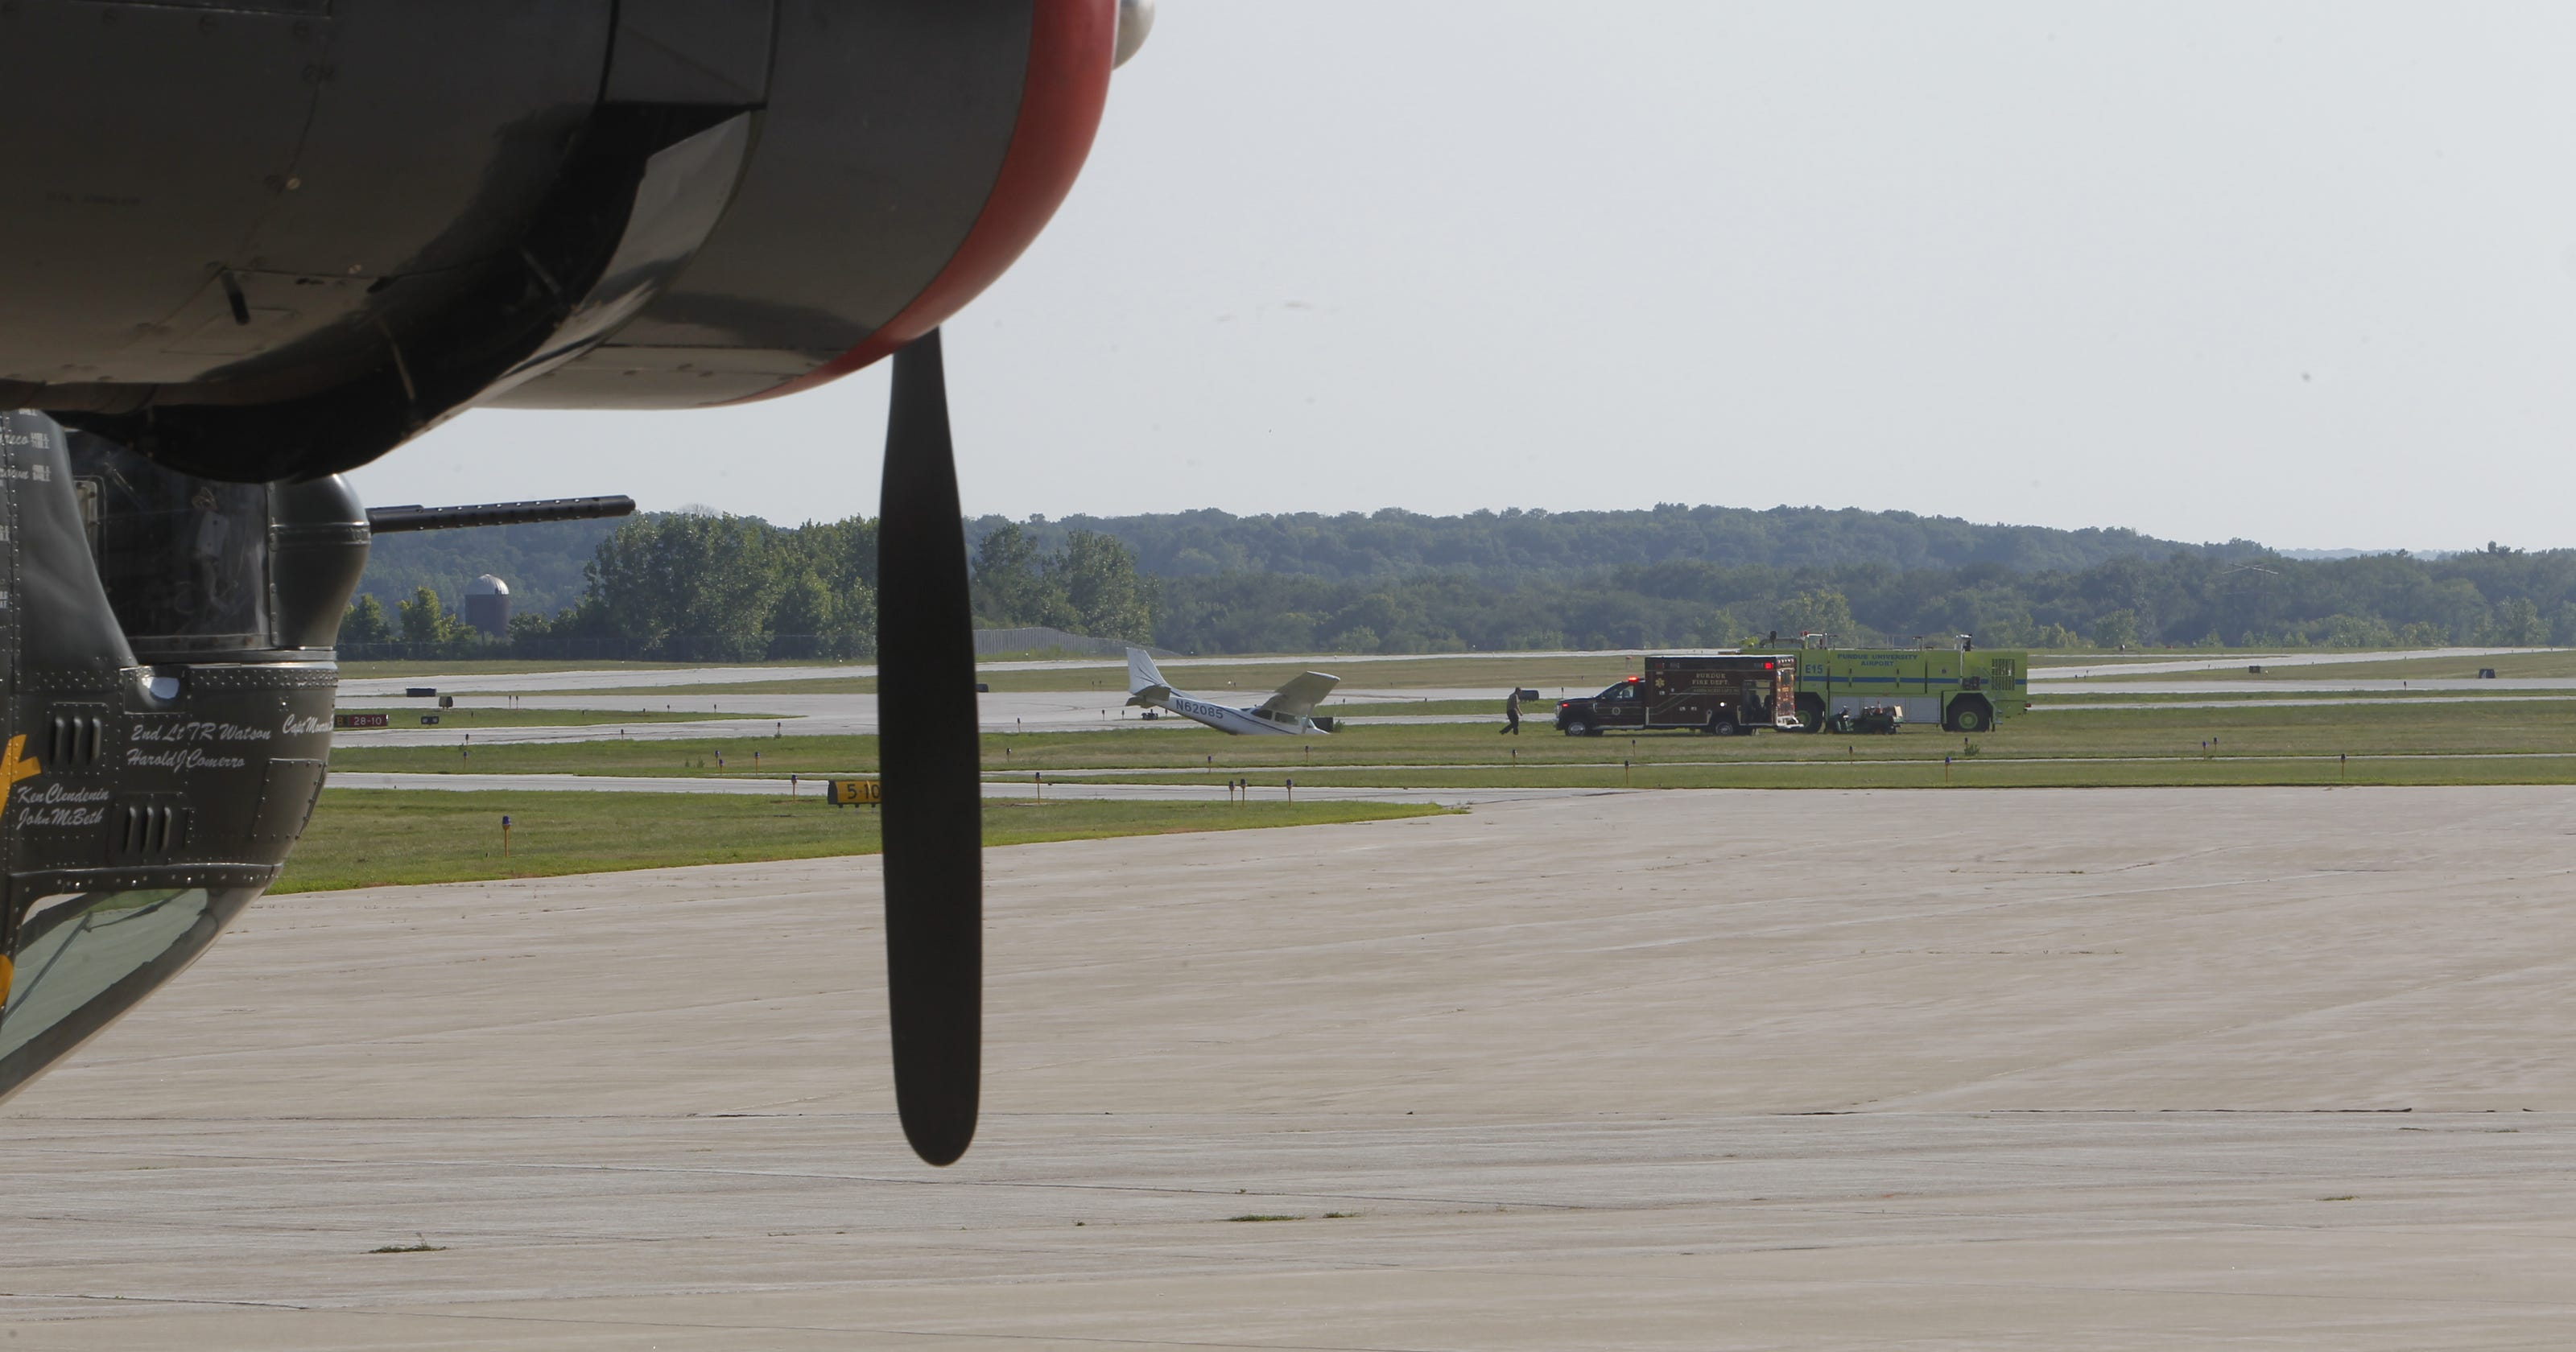 Plane crashes at Purdue Airport; pilot OK